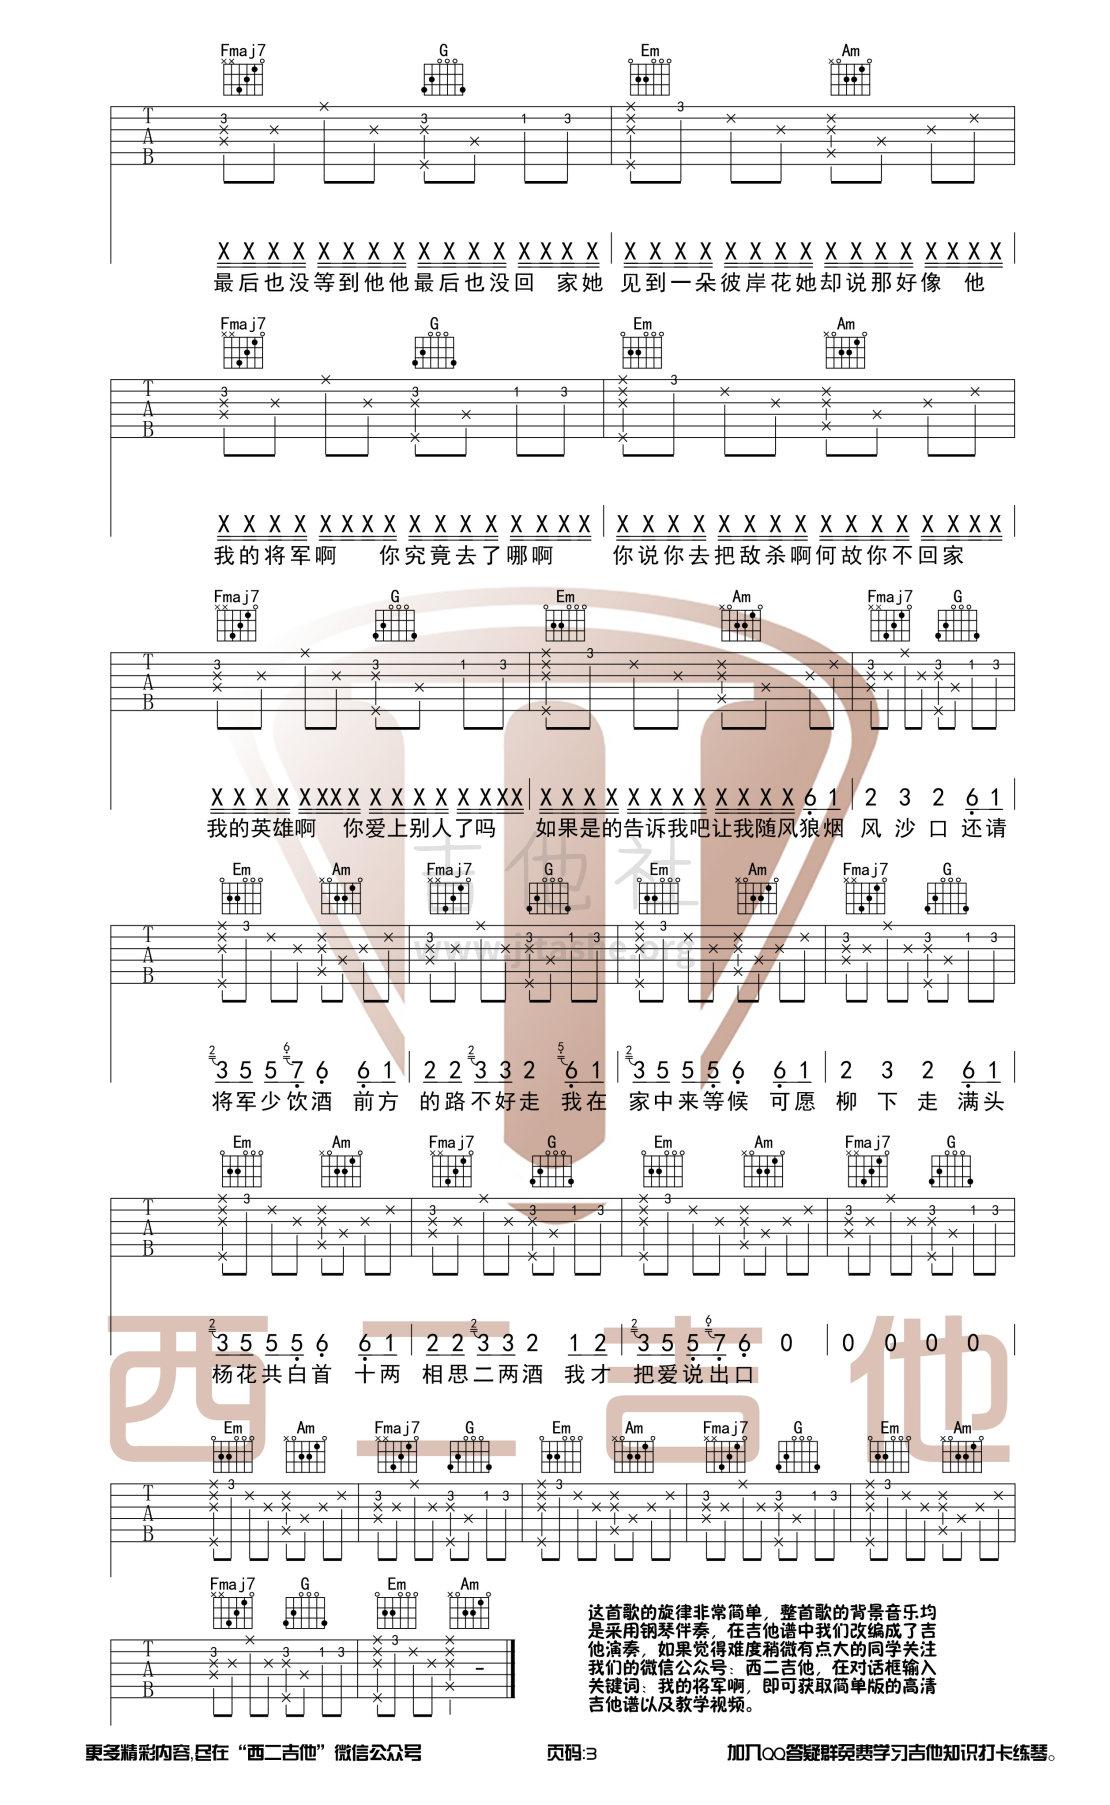 我的将军啊吉他谱(图片谱,西二吉他,C调,原版)_MC半阳_我的将军啊3.jpg